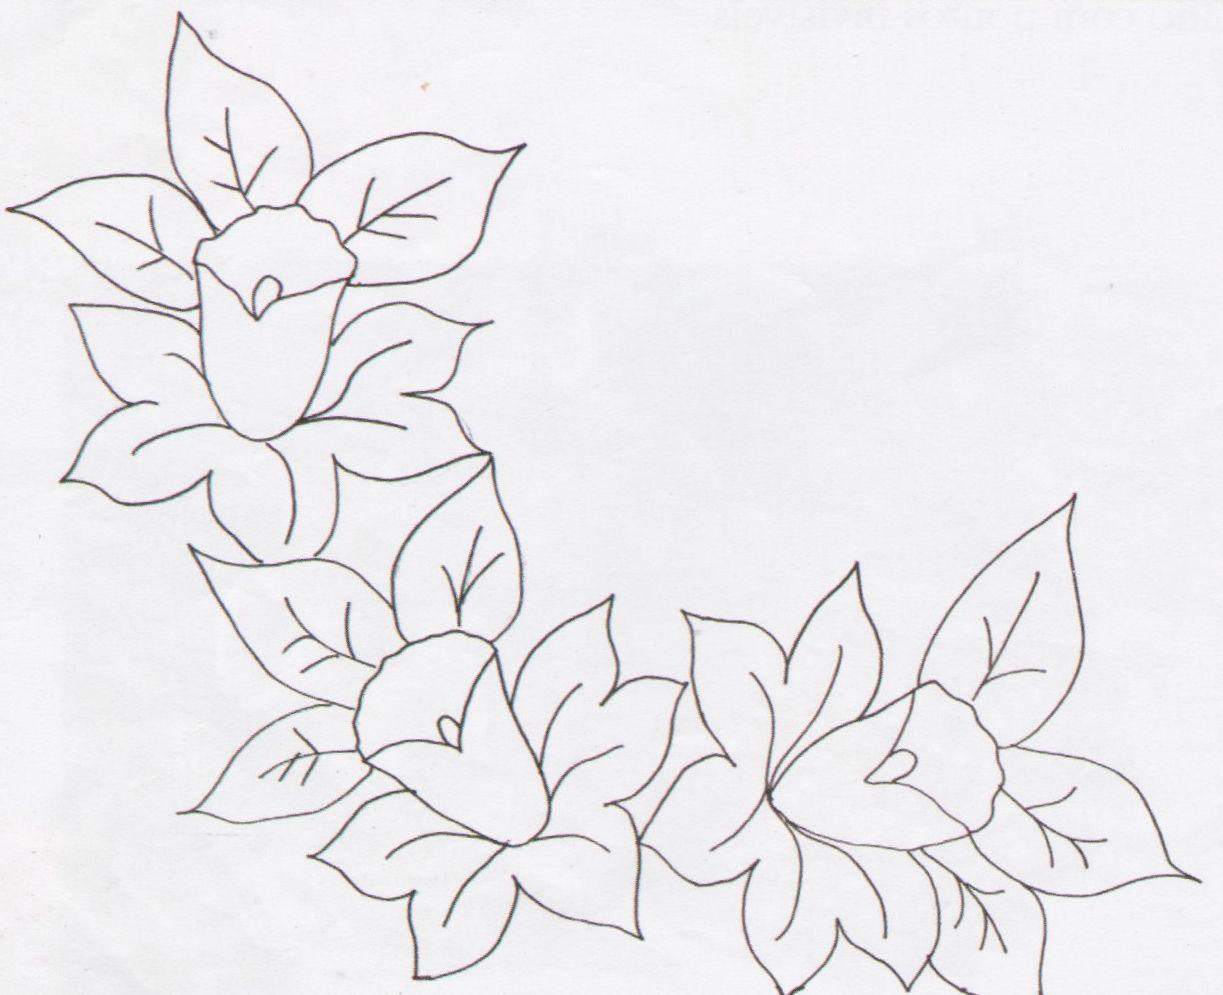 risco de orquideas para pintar | pintura em tecido | Pinterest ...